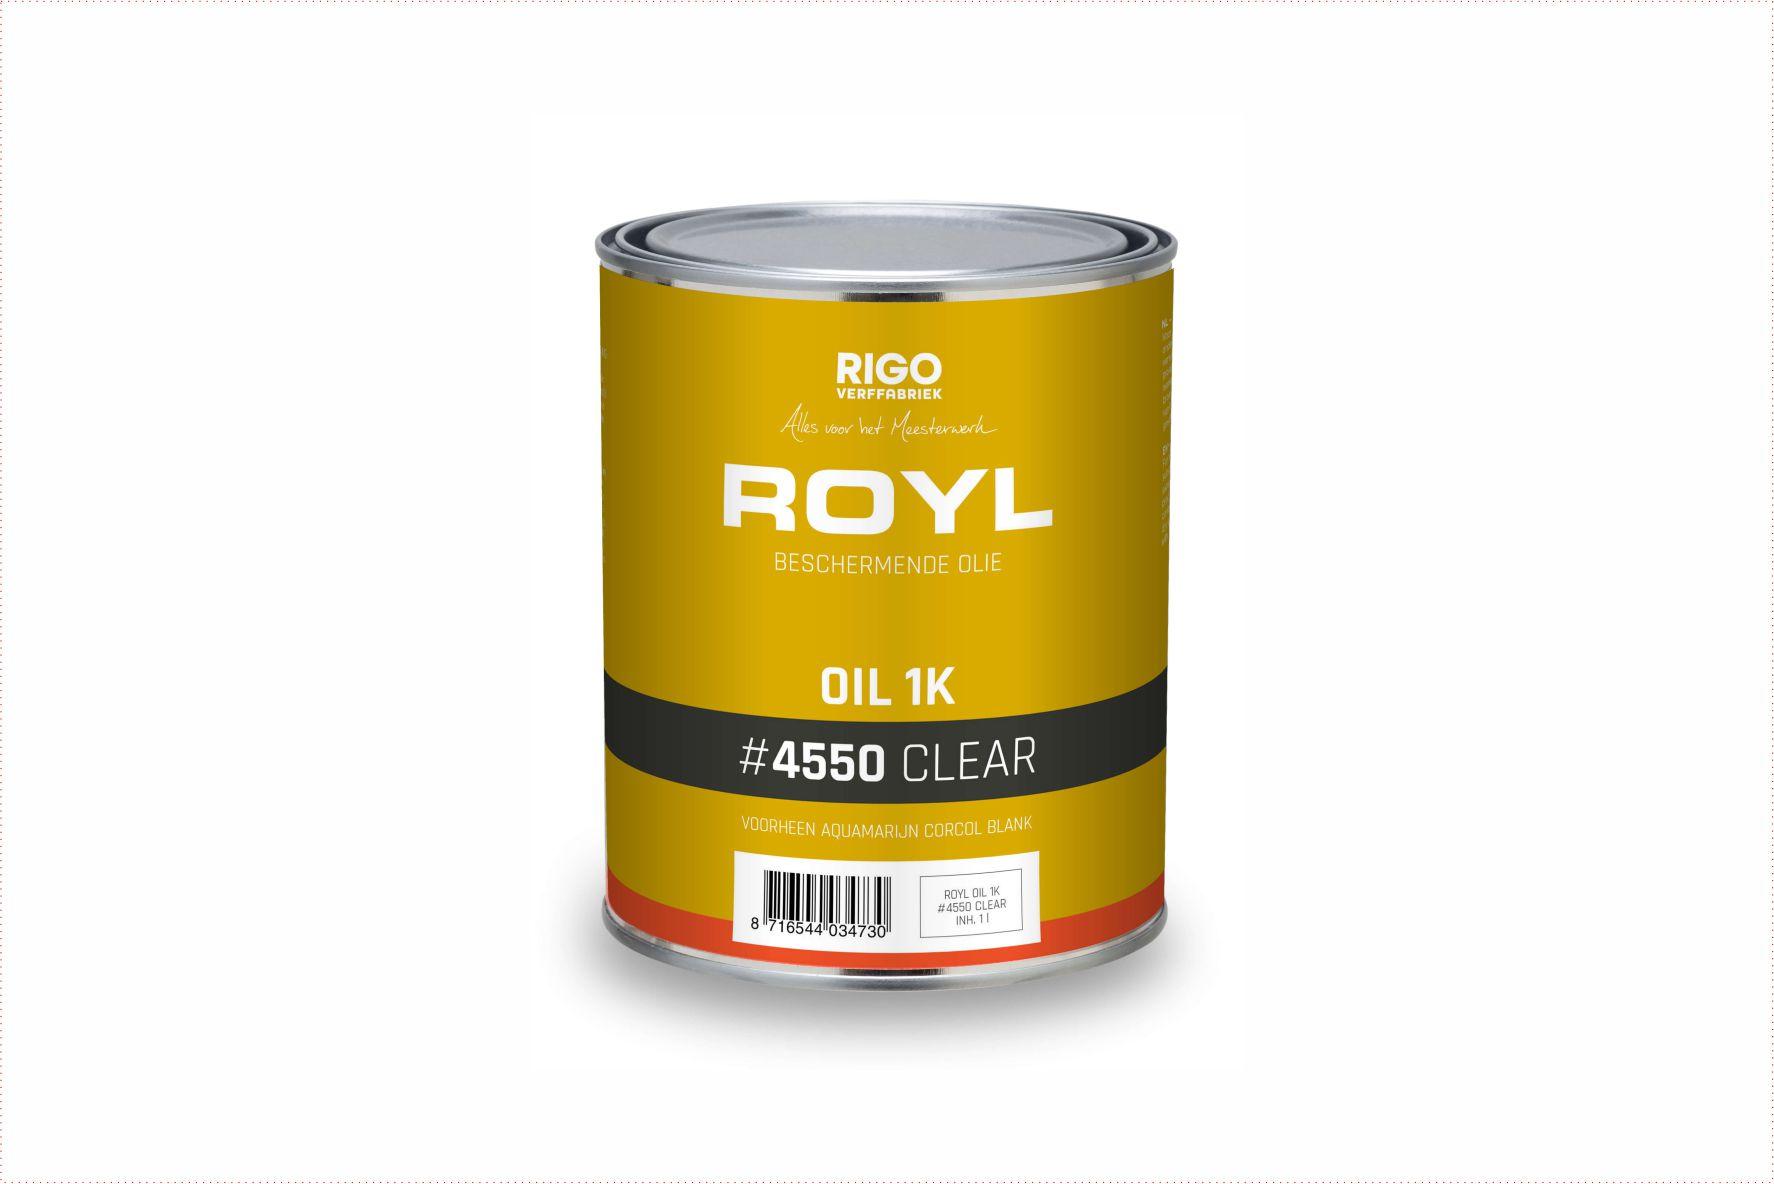 Rigo Royl Olie 1K #4550  1 Liter